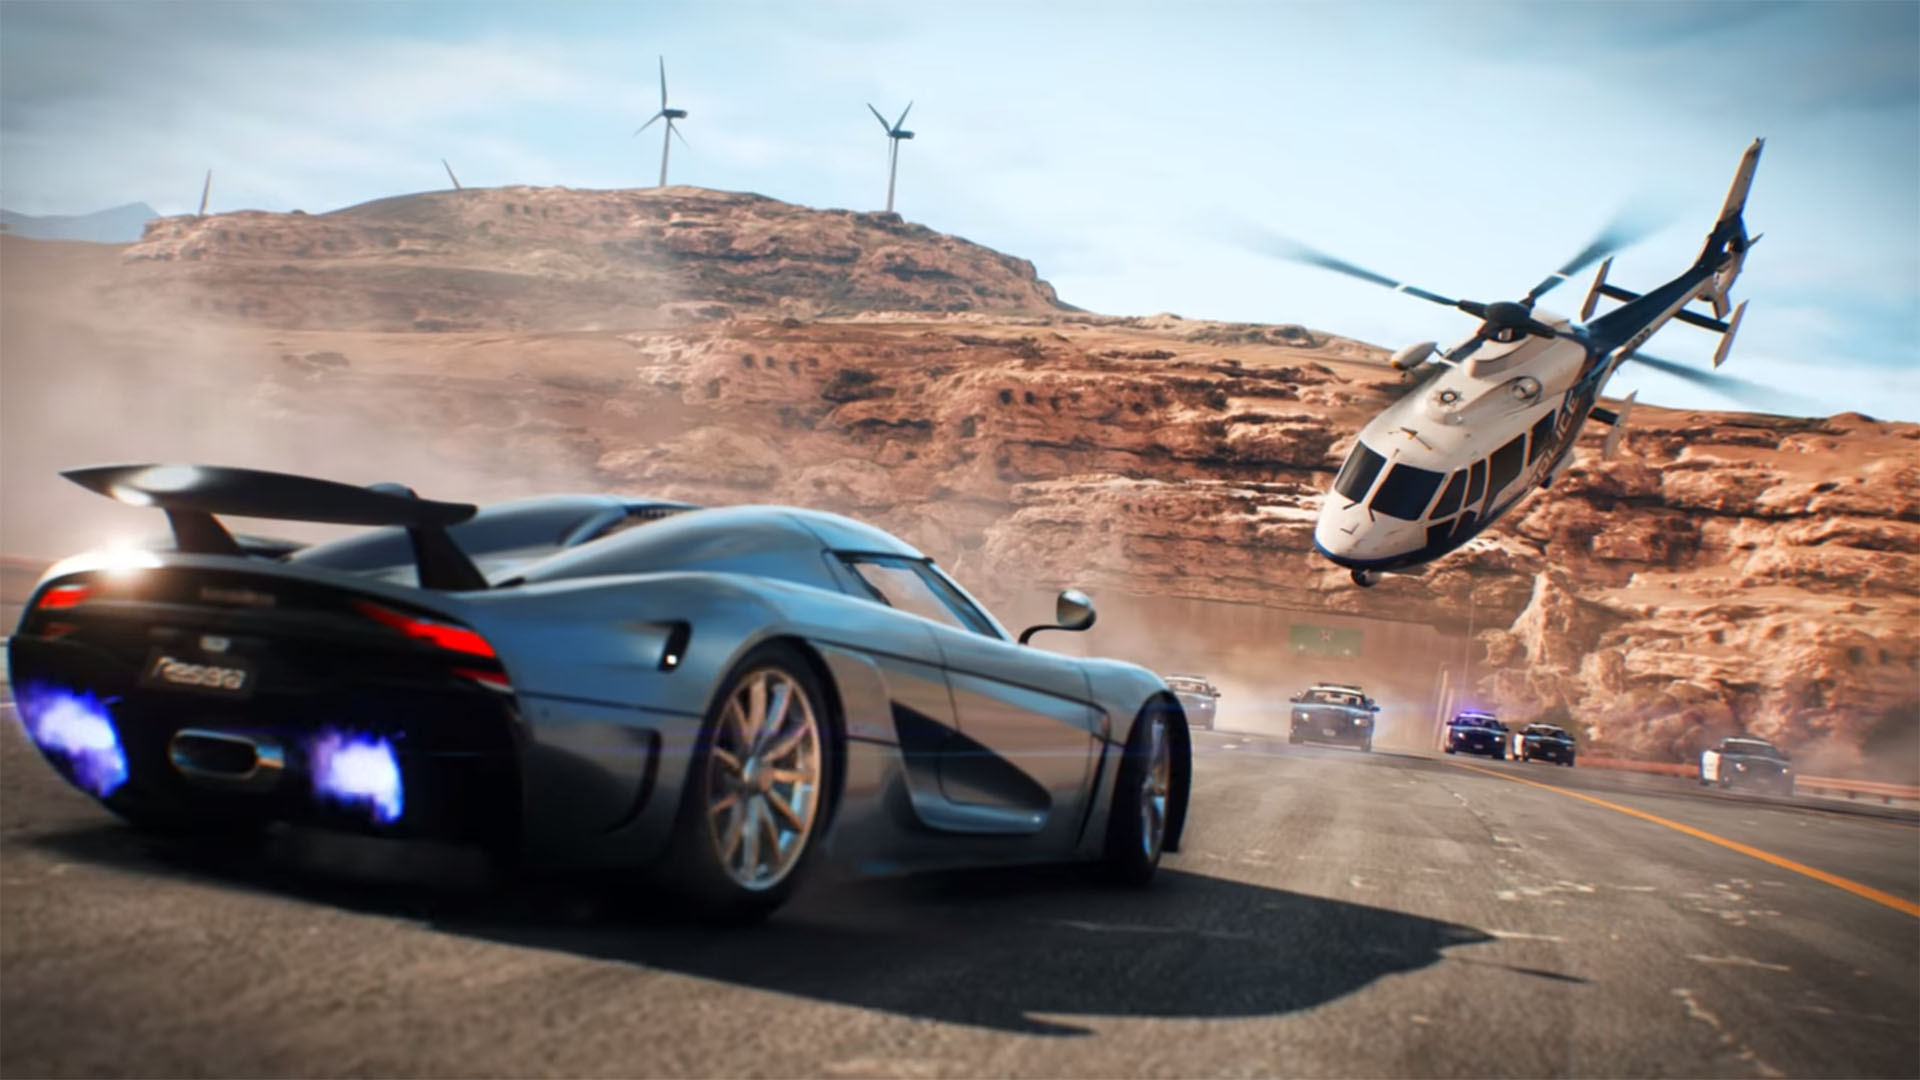 تریلر جدید Need For Speed  زرادخانه پلیس ها را نشان میدهد